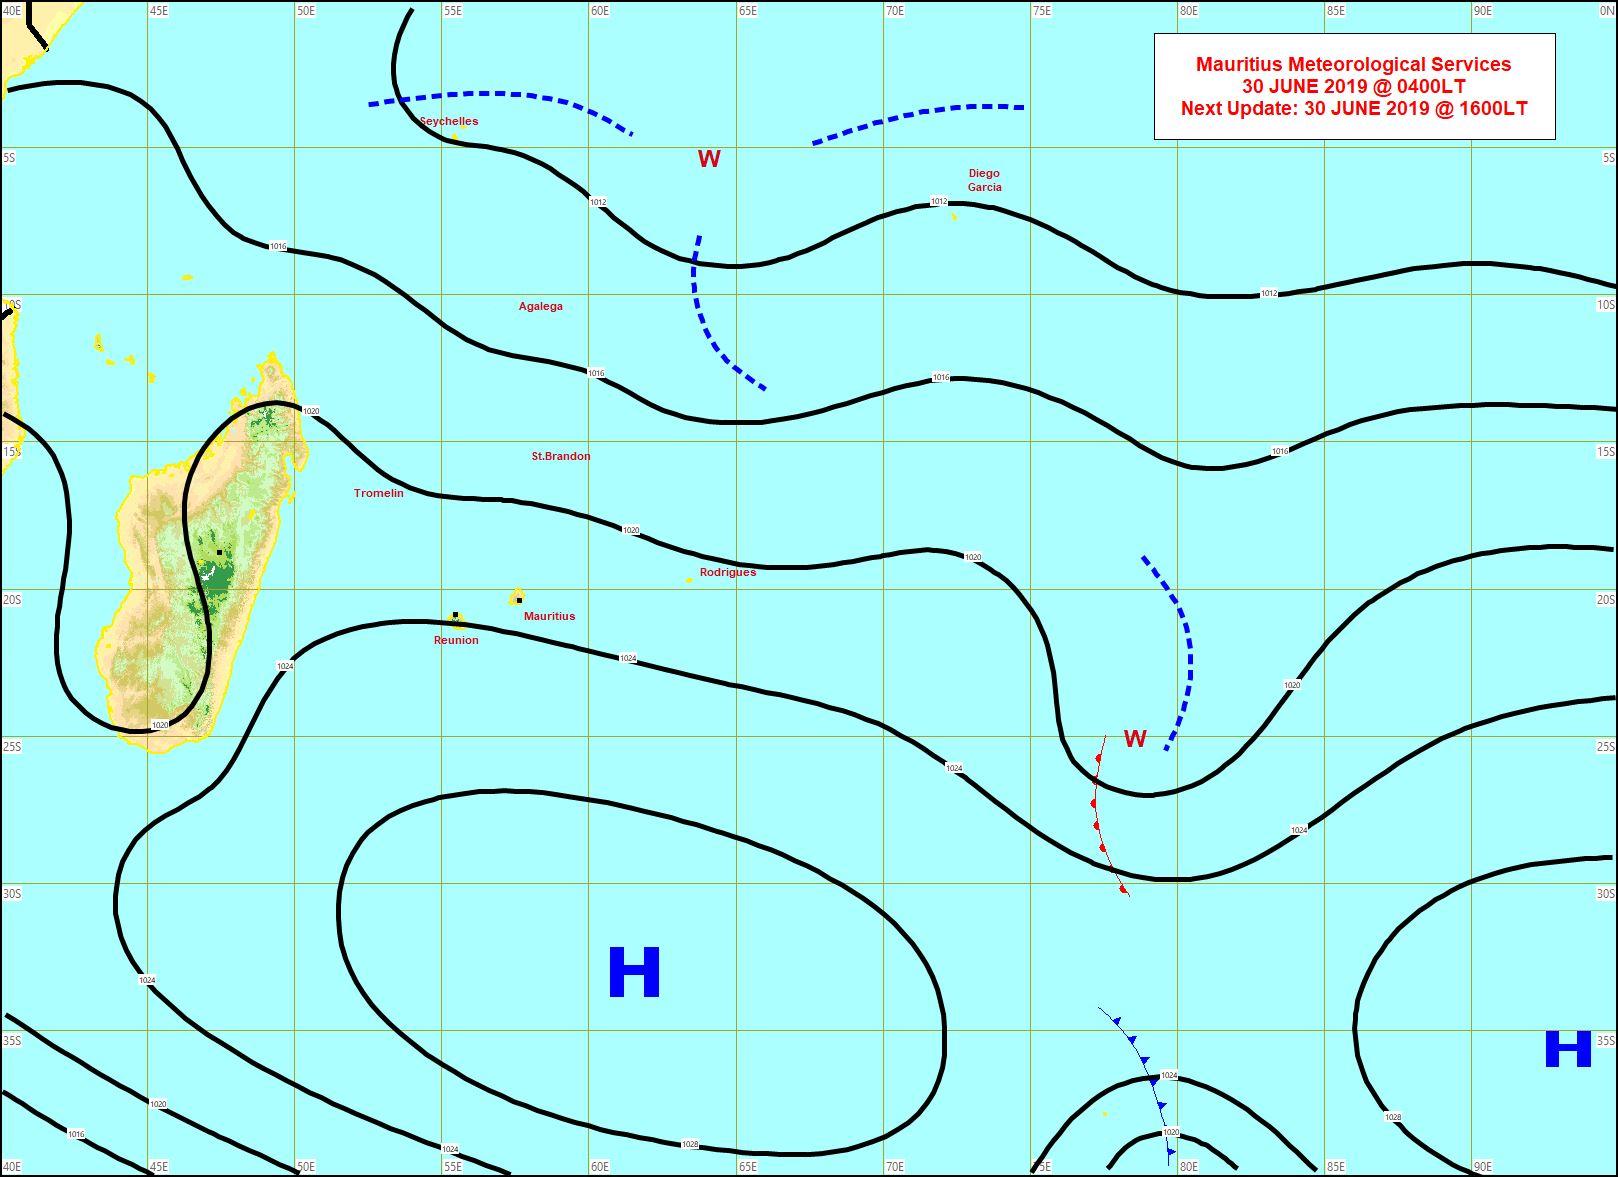 Analyse de surface ce matin. L'anticyclone(H) faiblit lentement mais maintient encore un alizé modéré à rapide et plutôt sec sur notre région. MMS